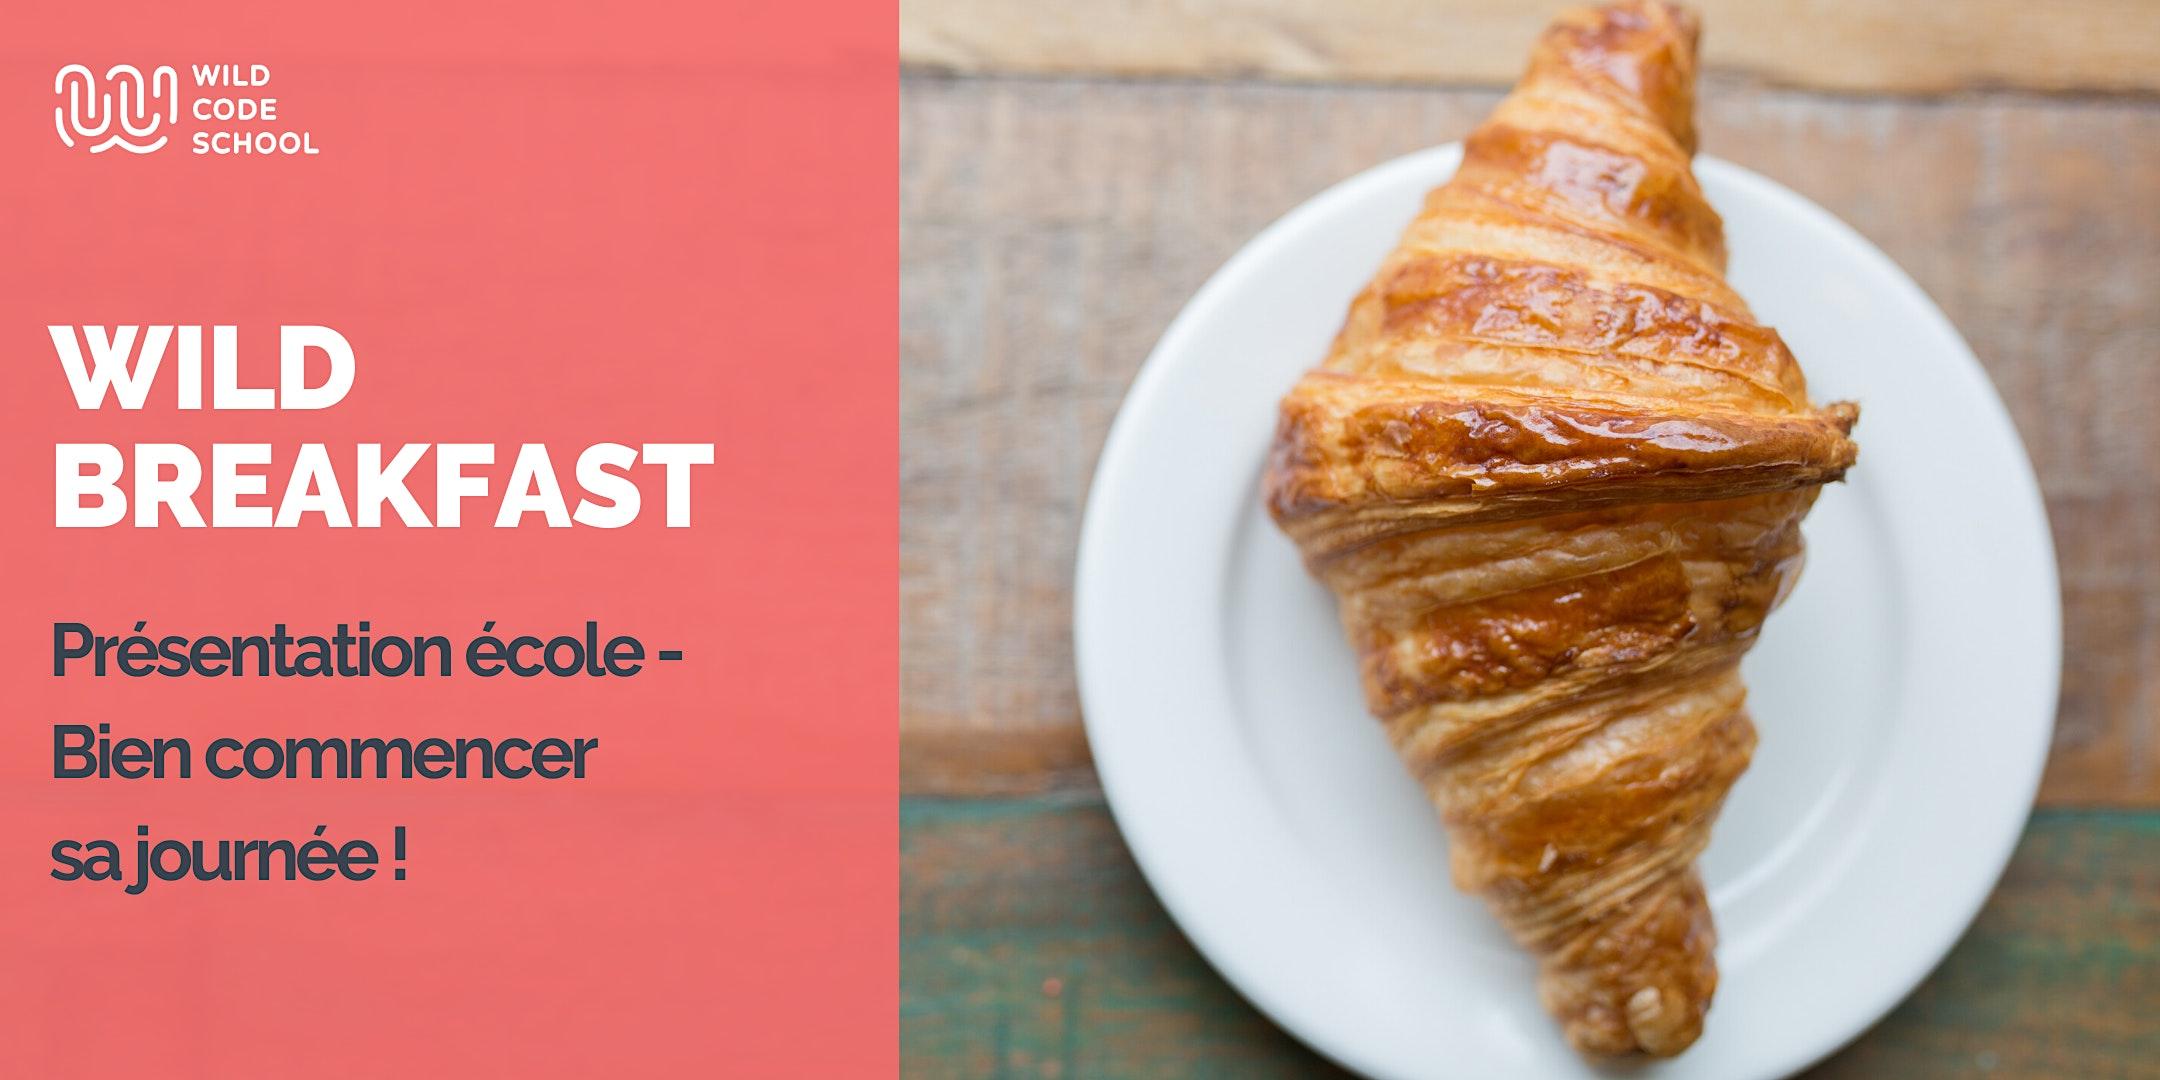 Wild Breakfast en Visio - Présentation Ecole - Bien commencer sa journée !